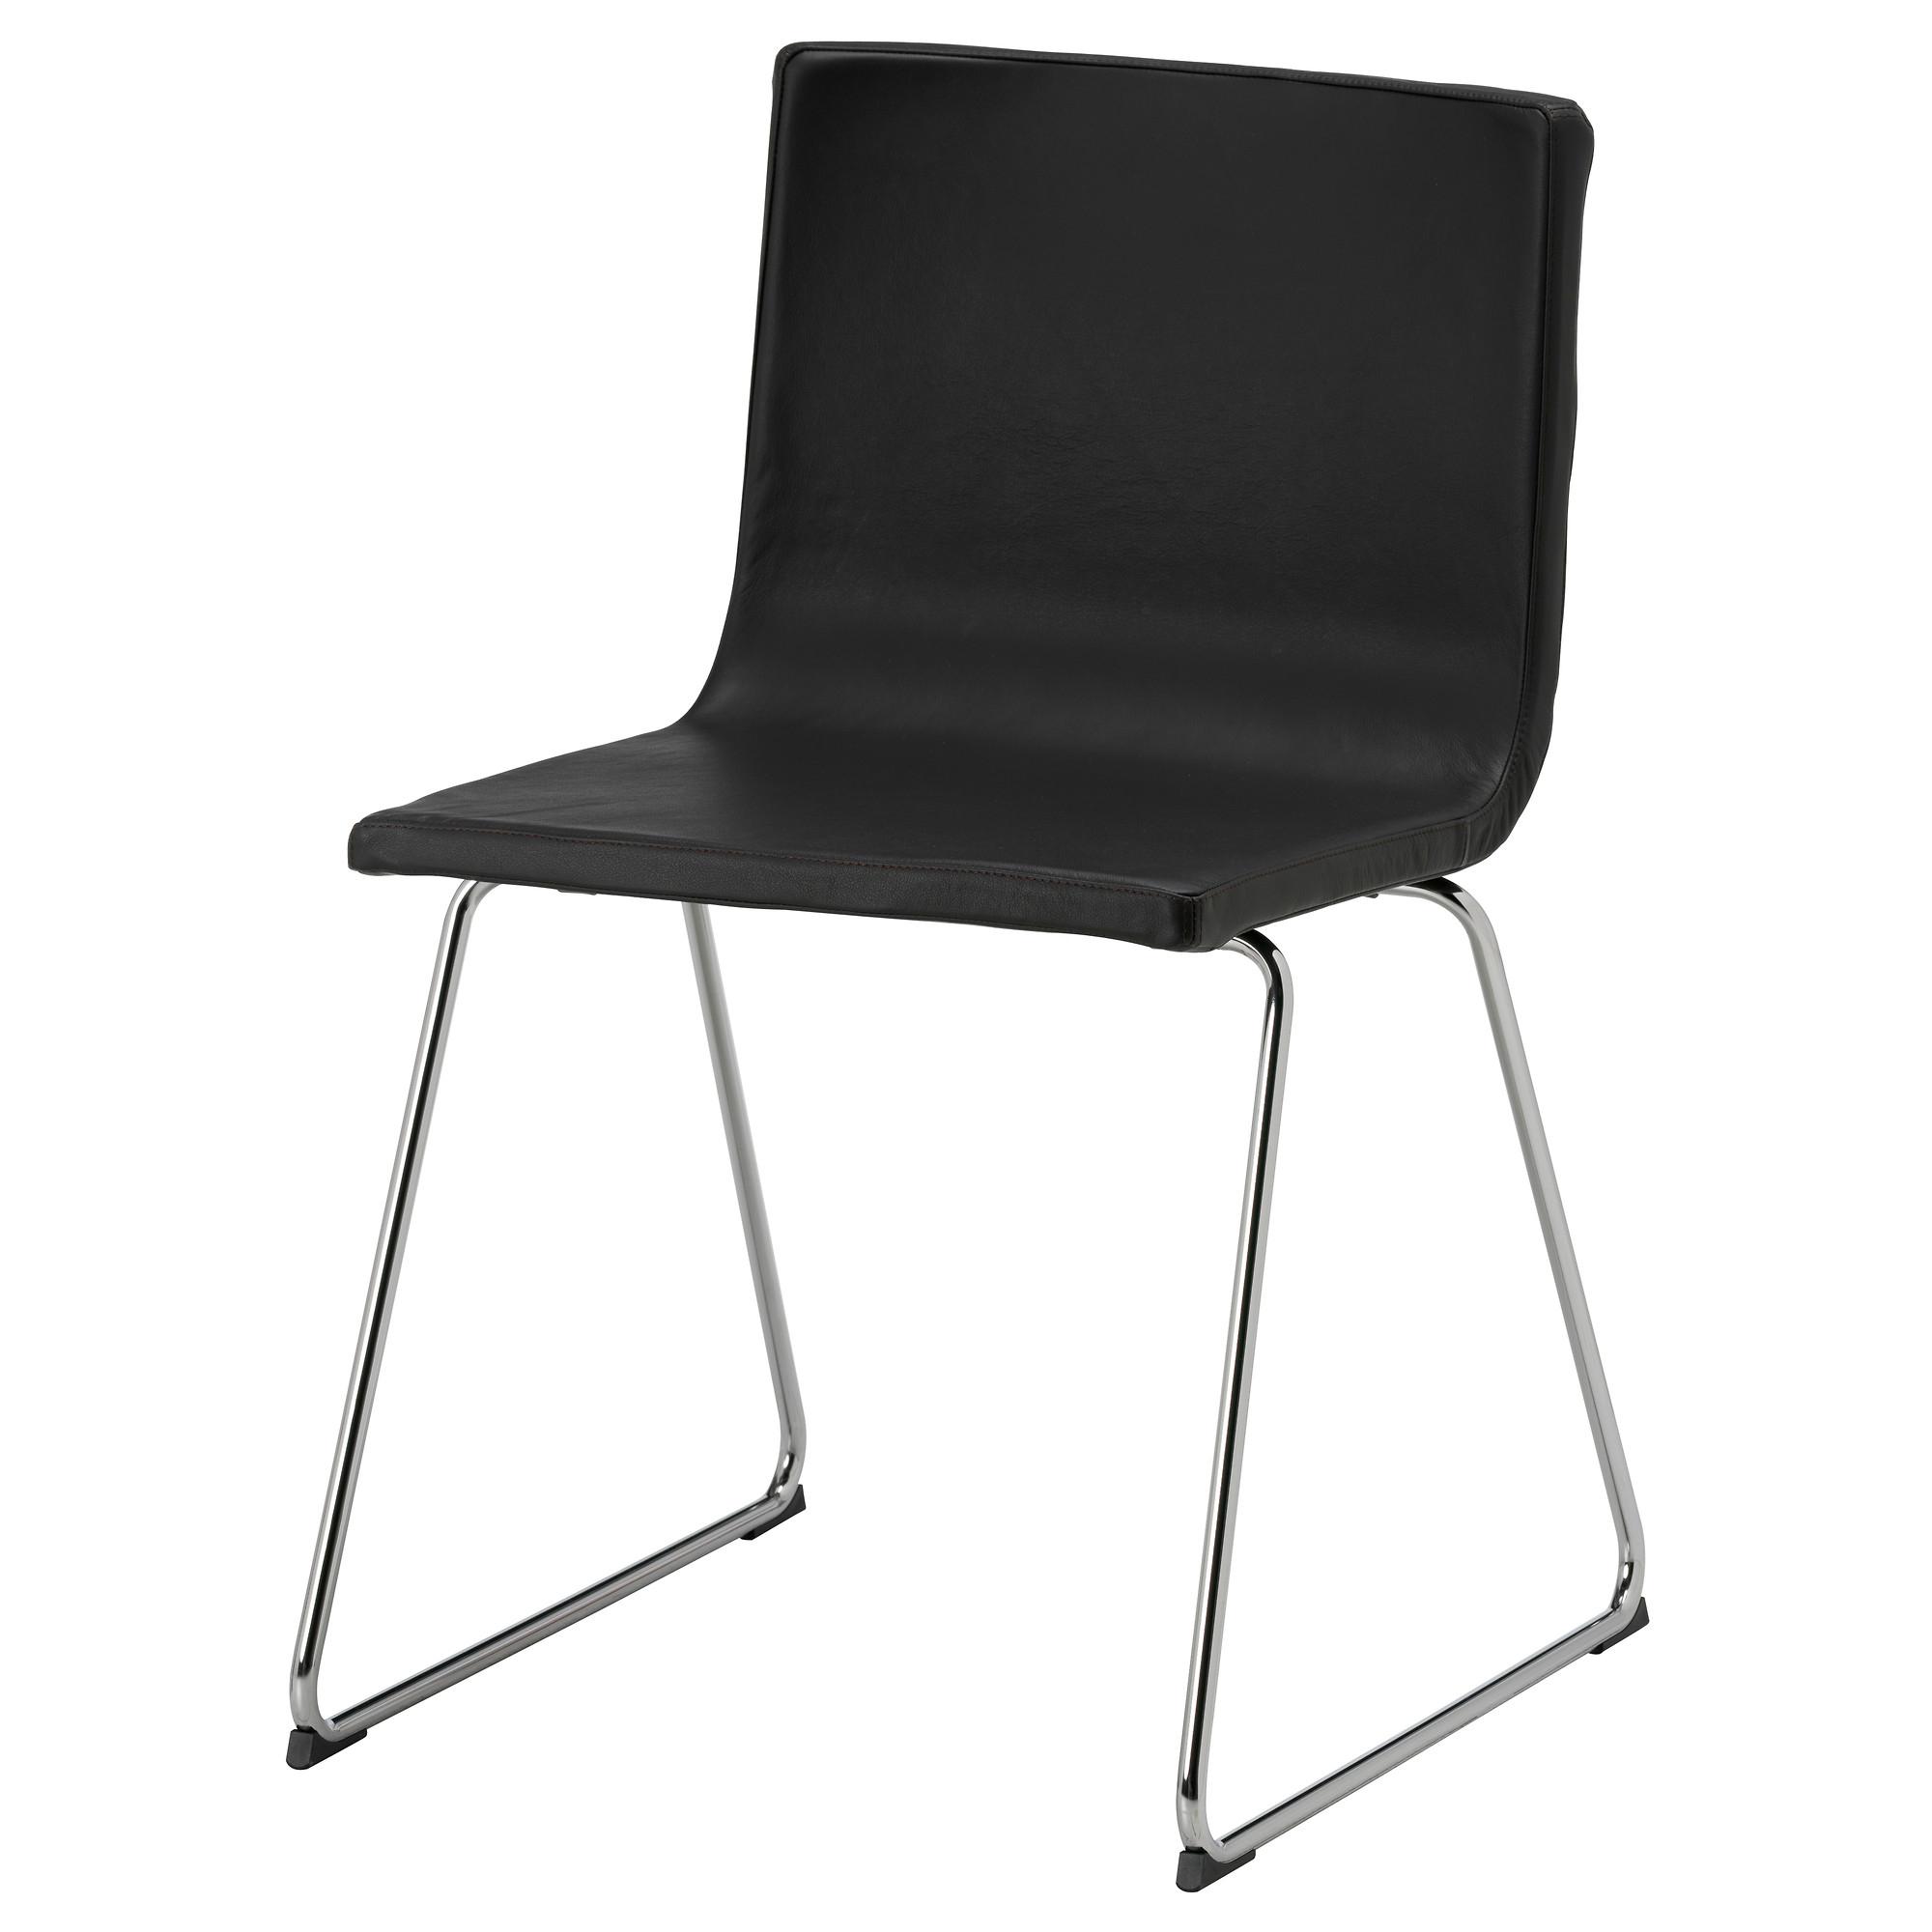 IKEA-Stühle im Angebot, z.B. Bernhard 99 Euro statt 149 Euro